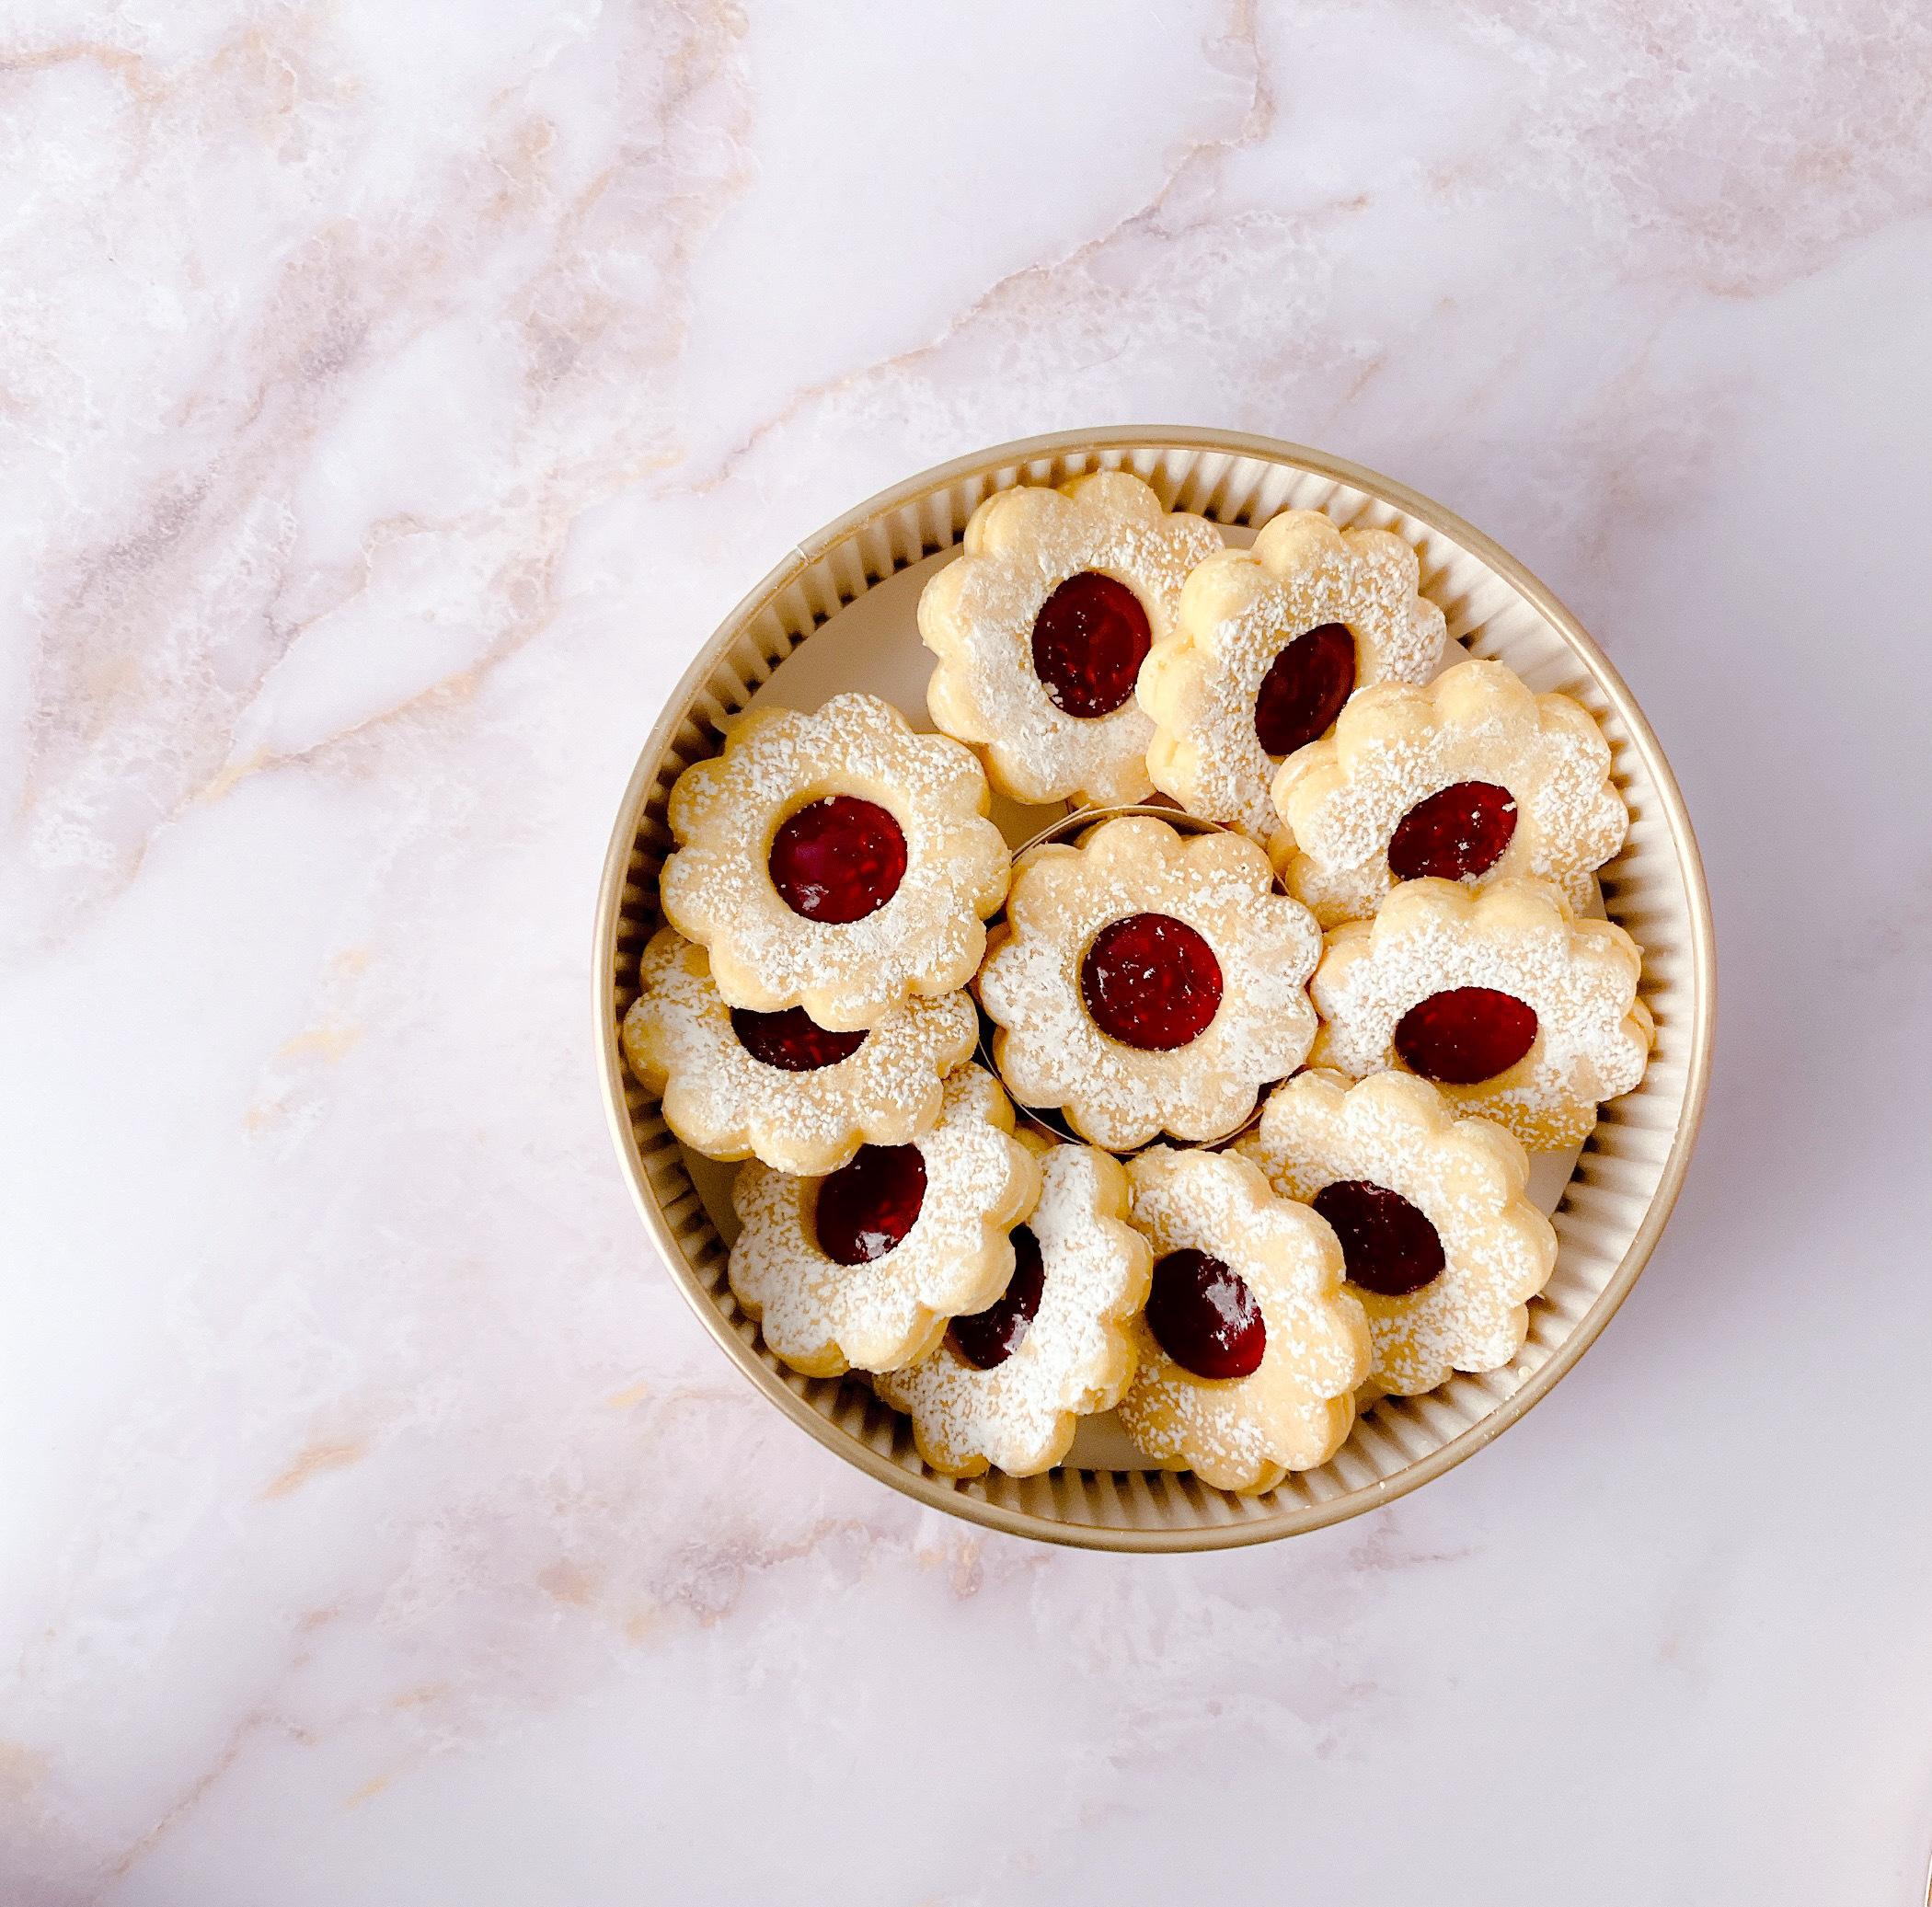 本店でしか手に入らない! マールブランシュのお花型クッキー「手作りジャムのデザートクッキー」